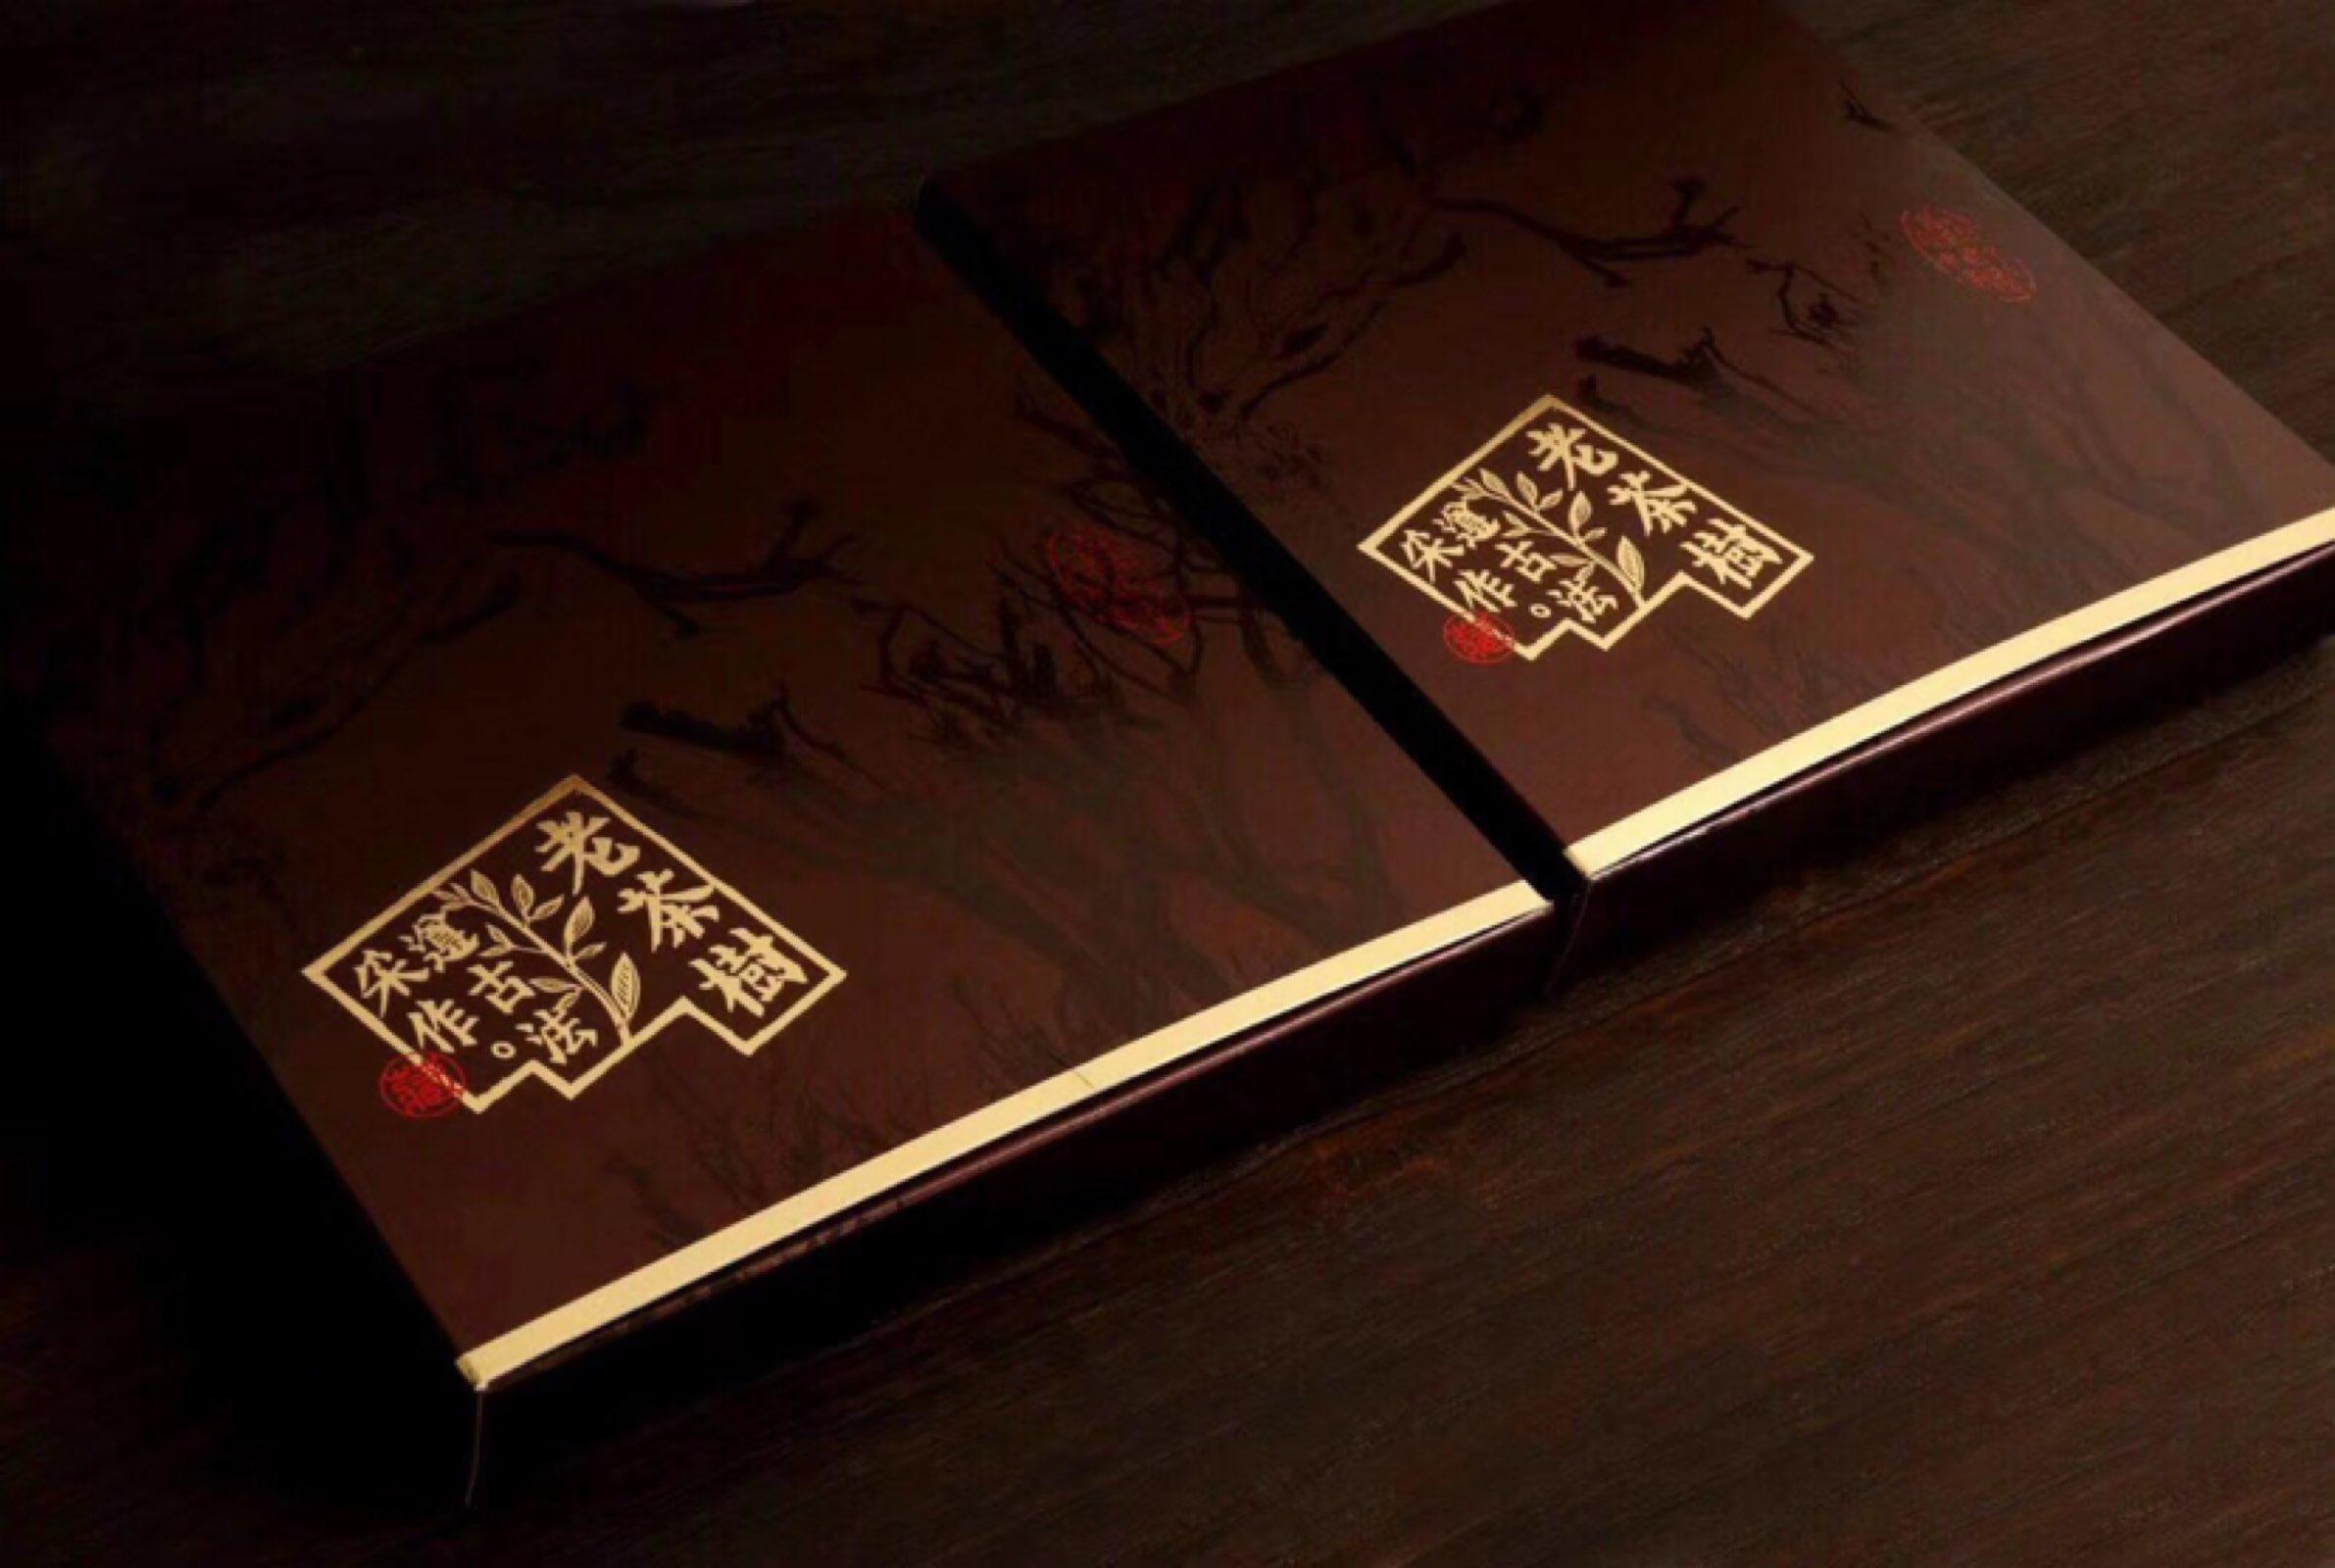 品鉴2012老曼峨古树熟饼